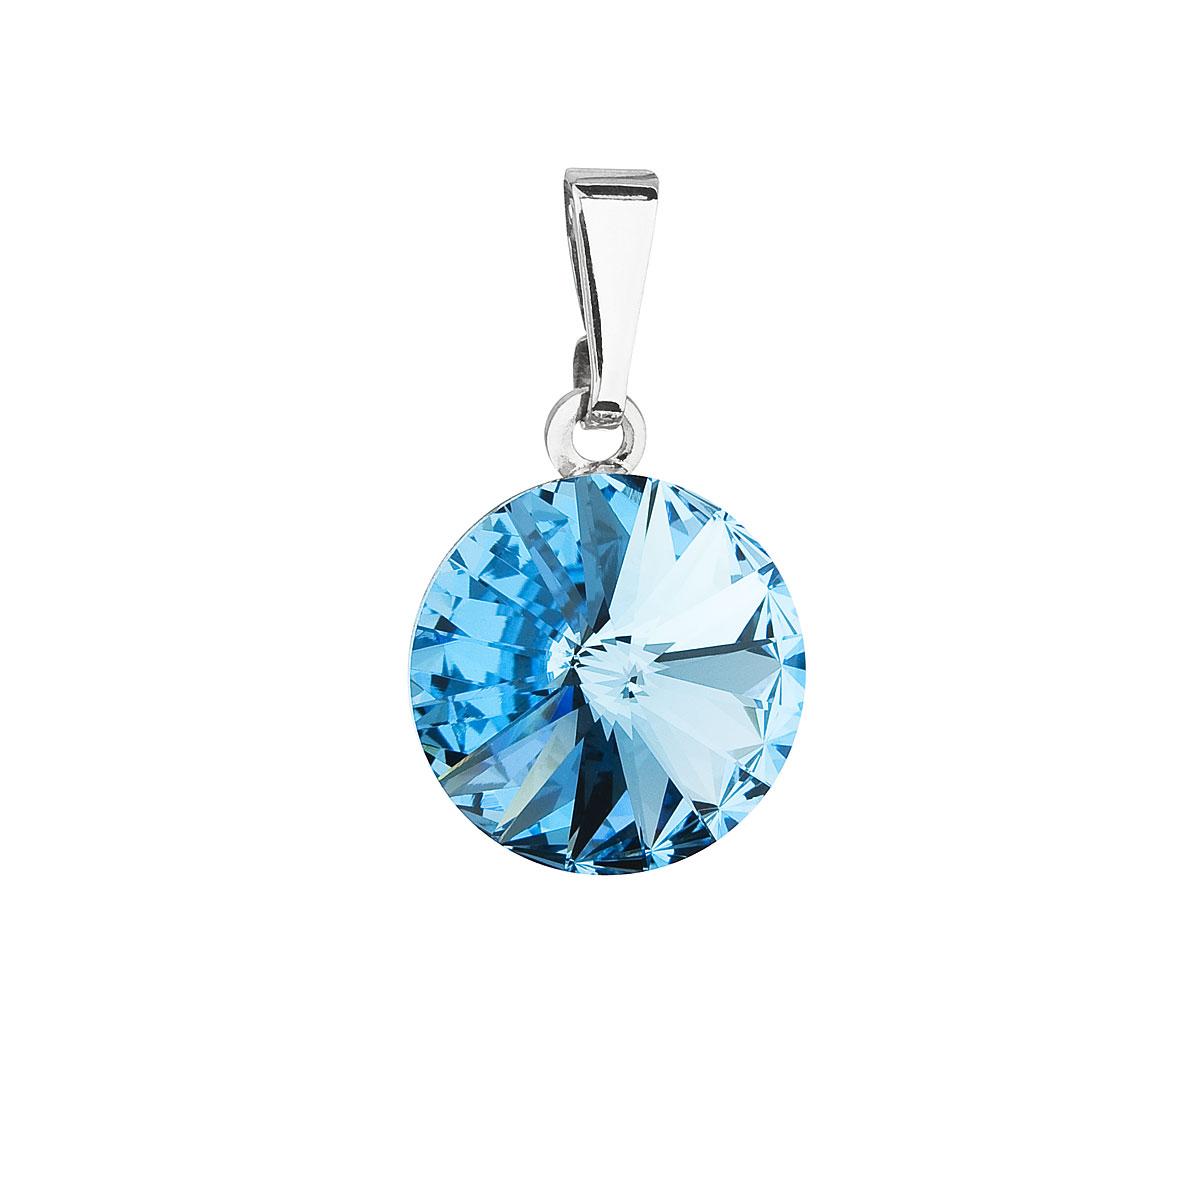 Evolution Group Přívěsek se Swarovski krystaly modrý kulatý 54001.3 aqua